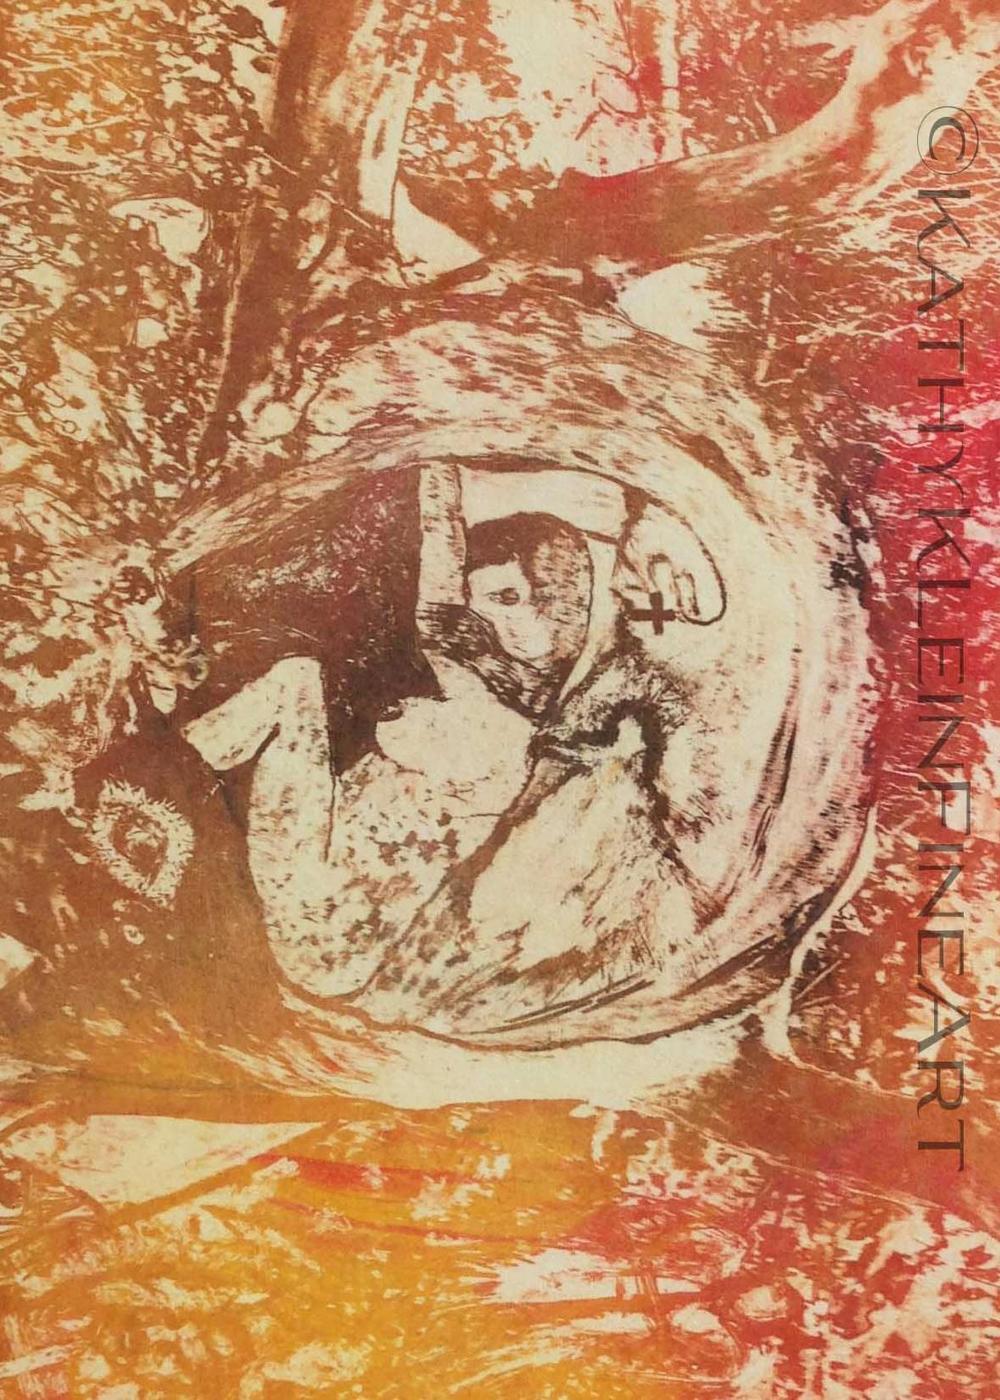 Lost Soul Intaglio print 16 x 20